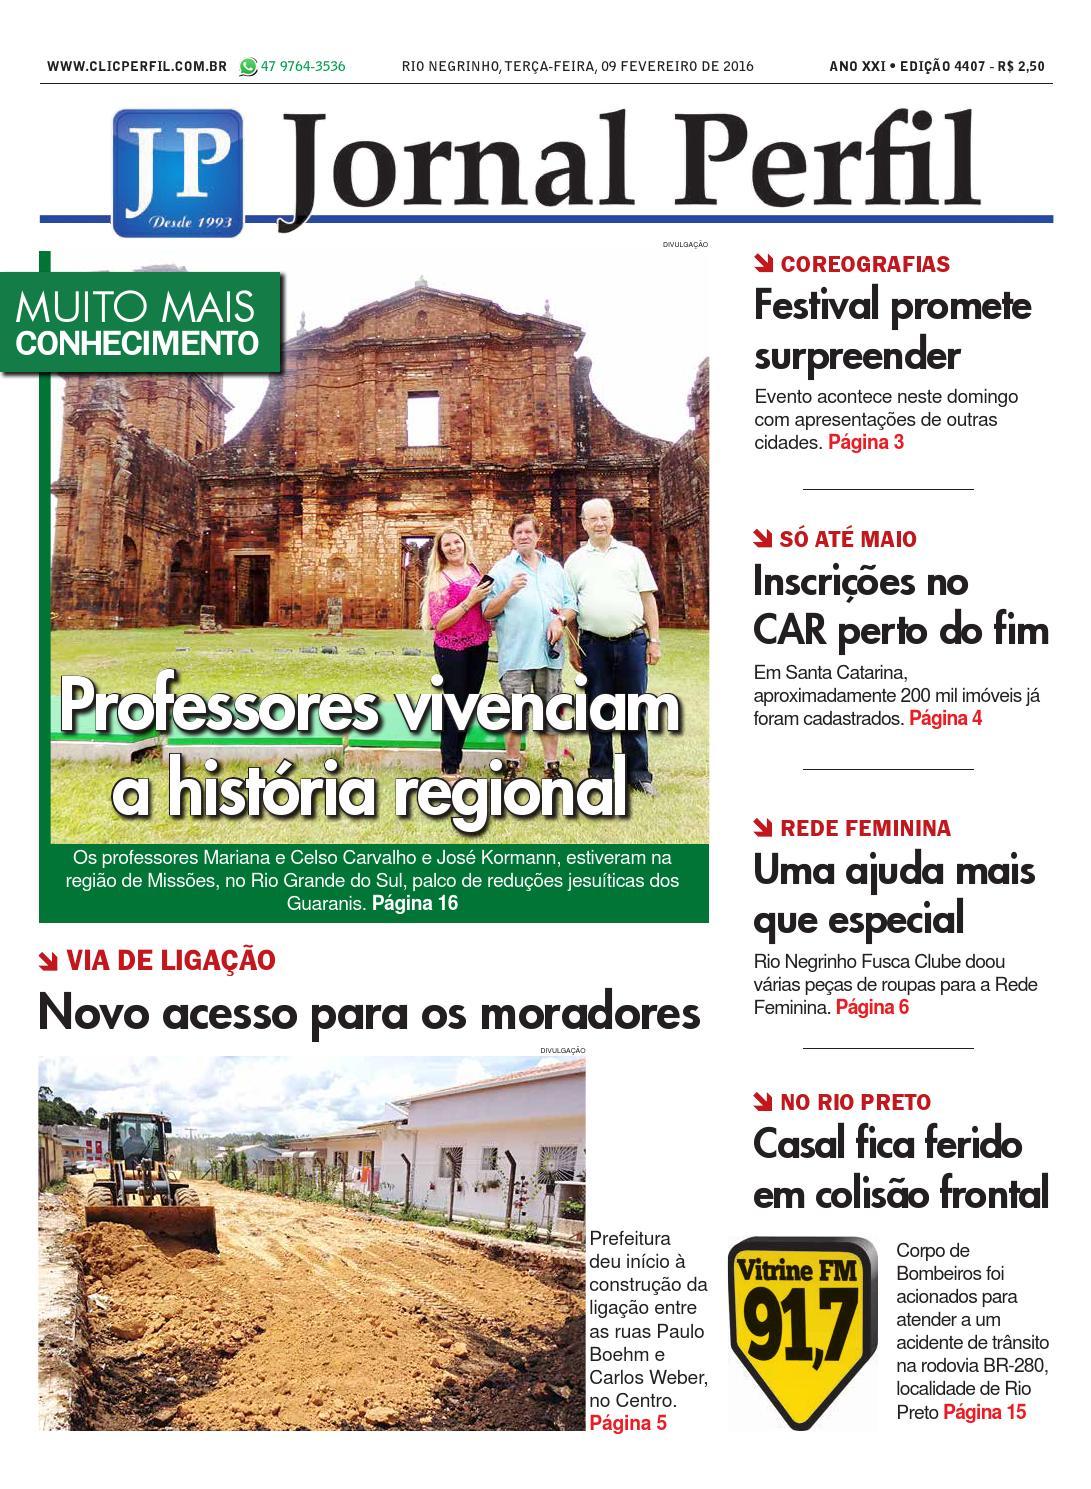 4d42e820bab Jornal perfil 09 02 16 by Jornal Perfil - issuu